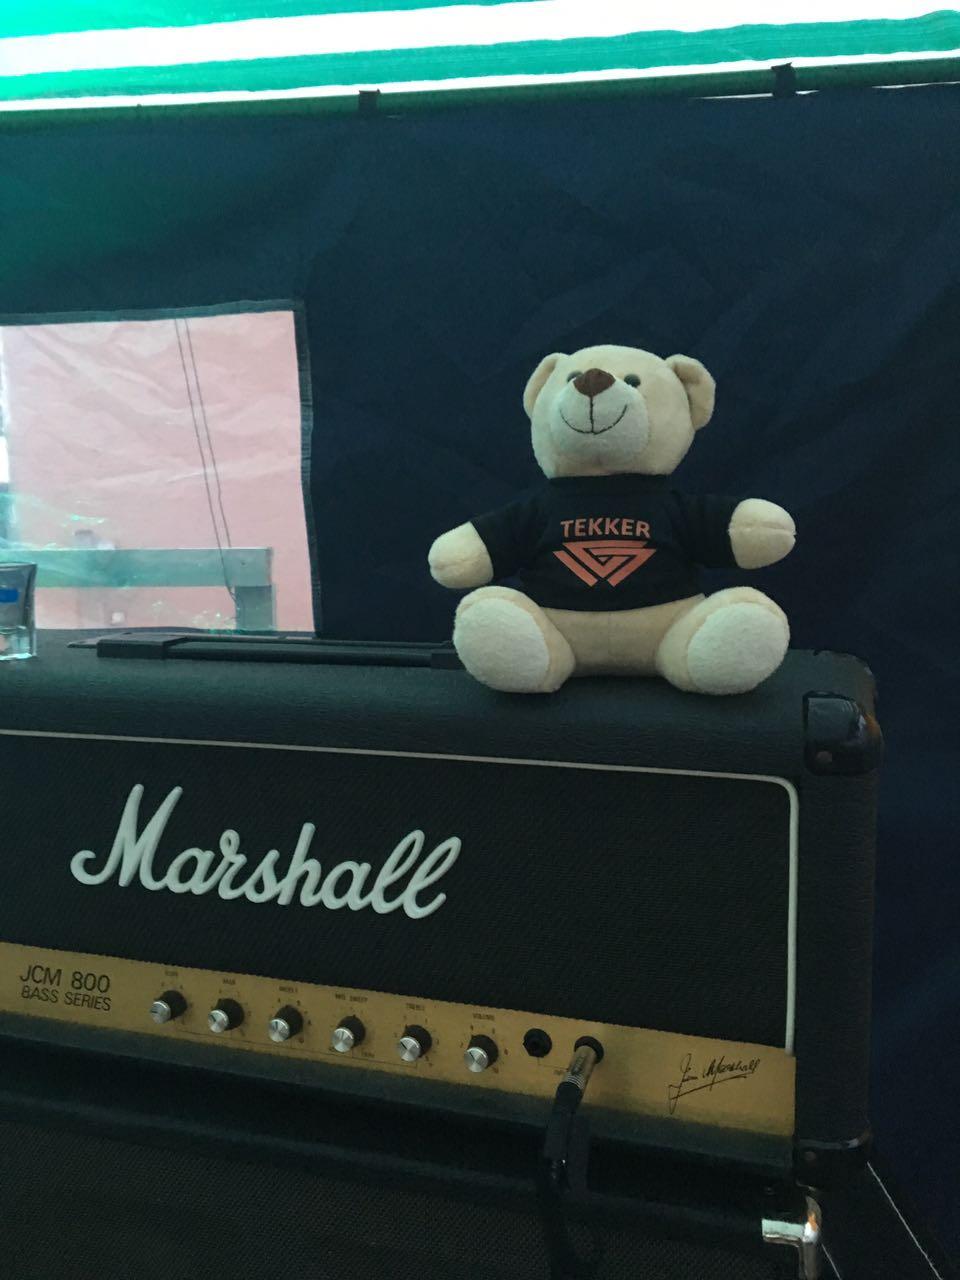 Teddybär auf Marshall